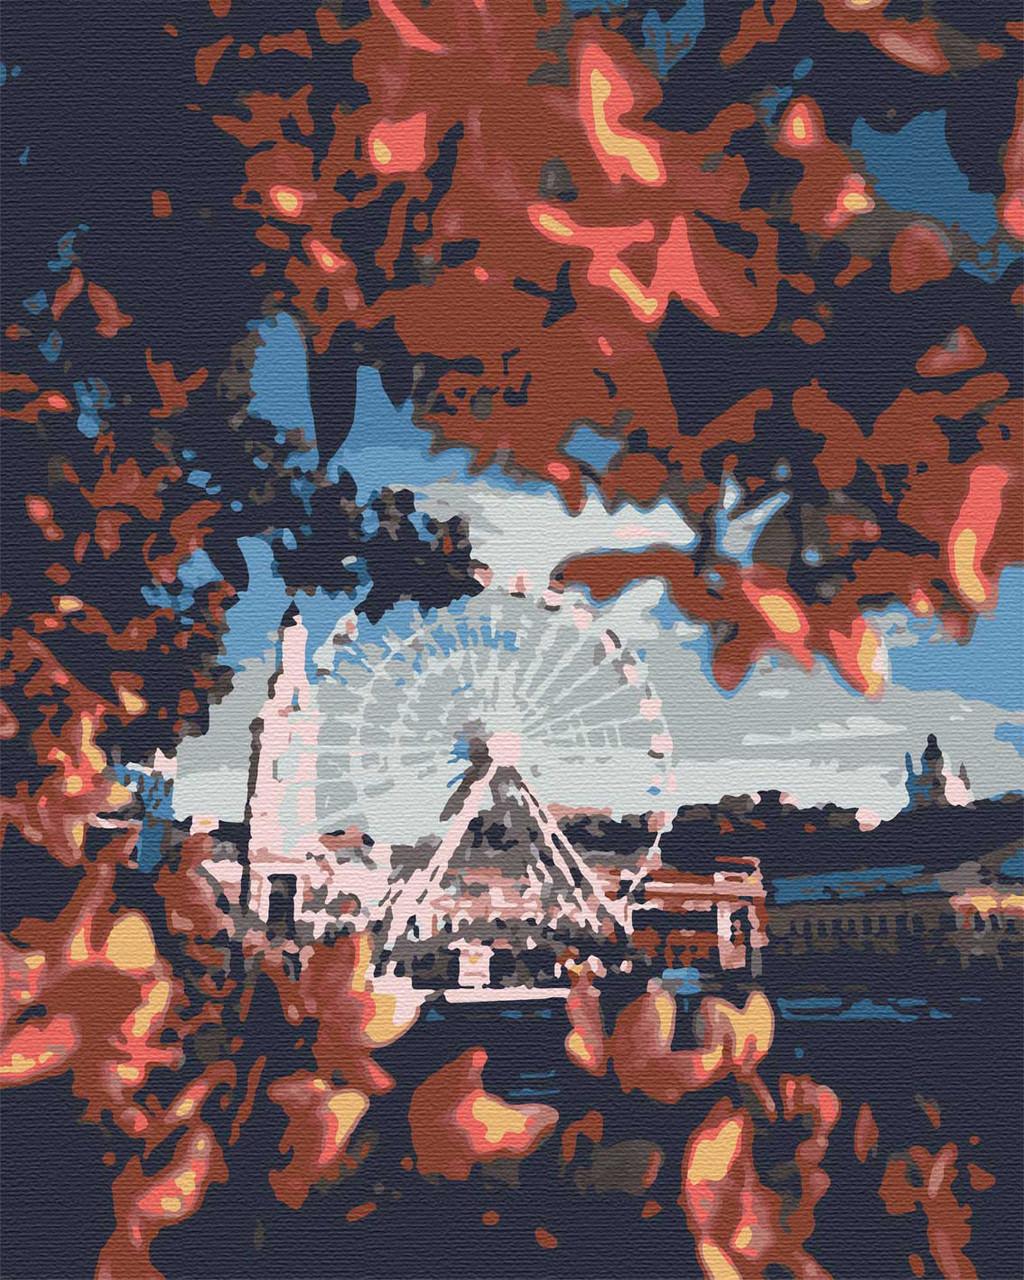 Картины по номерам города пейзаж 40х50 Контрактовая Площадь